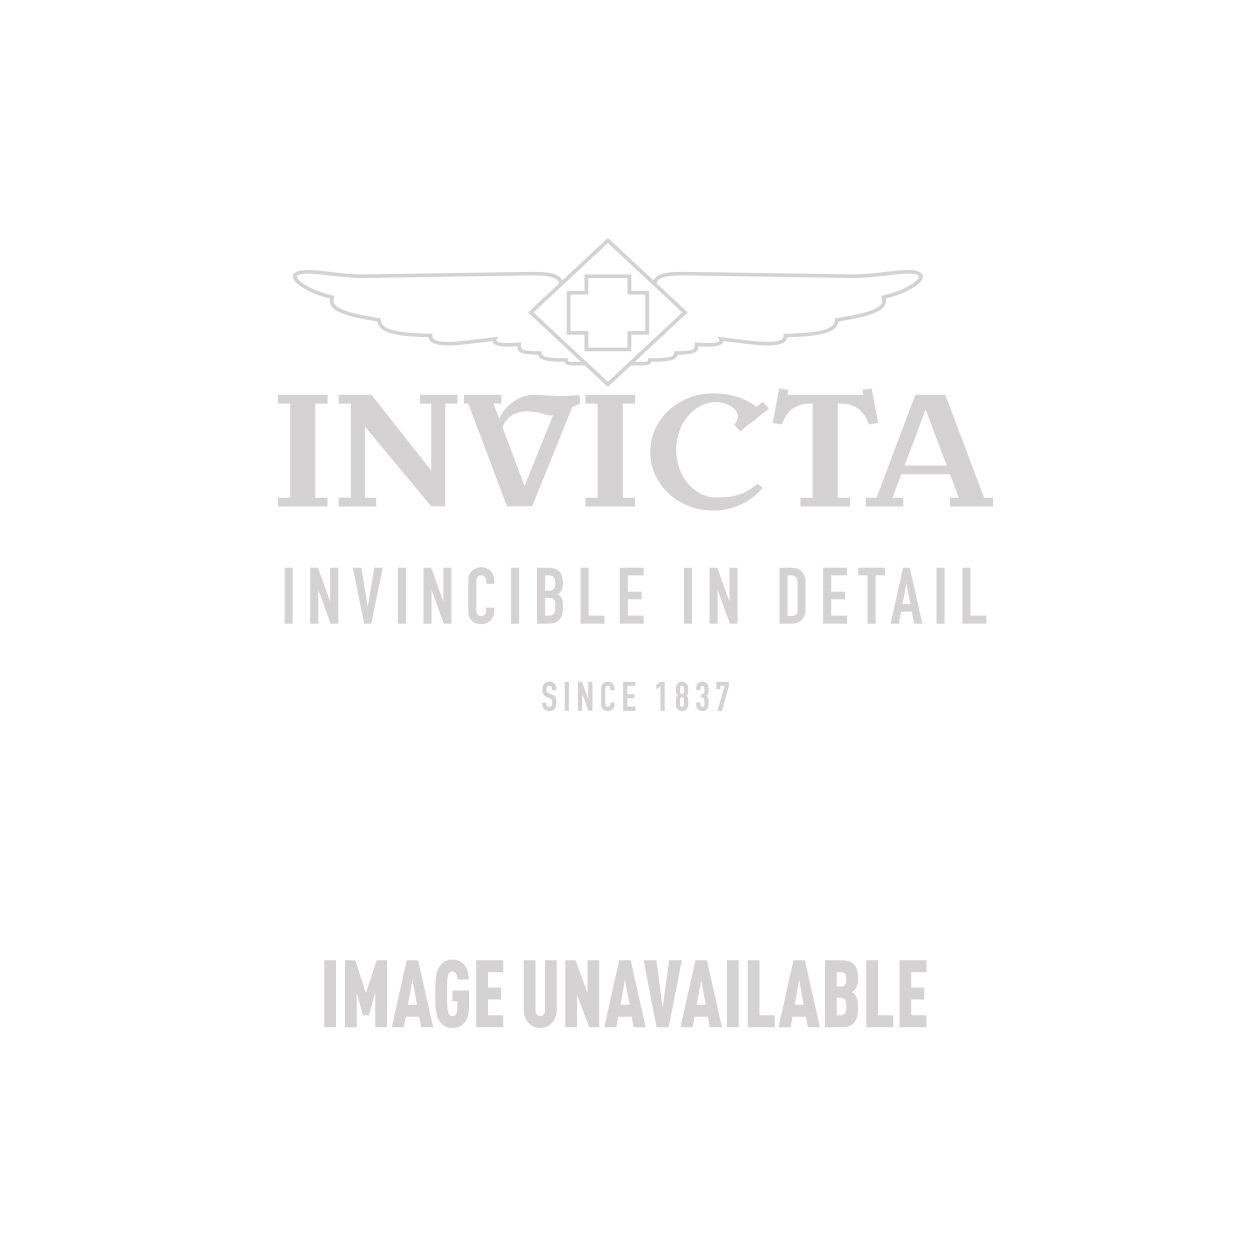 Invicta Corduba Quartz Watch - Black, Gunmetal case with Black tone Nylon band - Model 16167